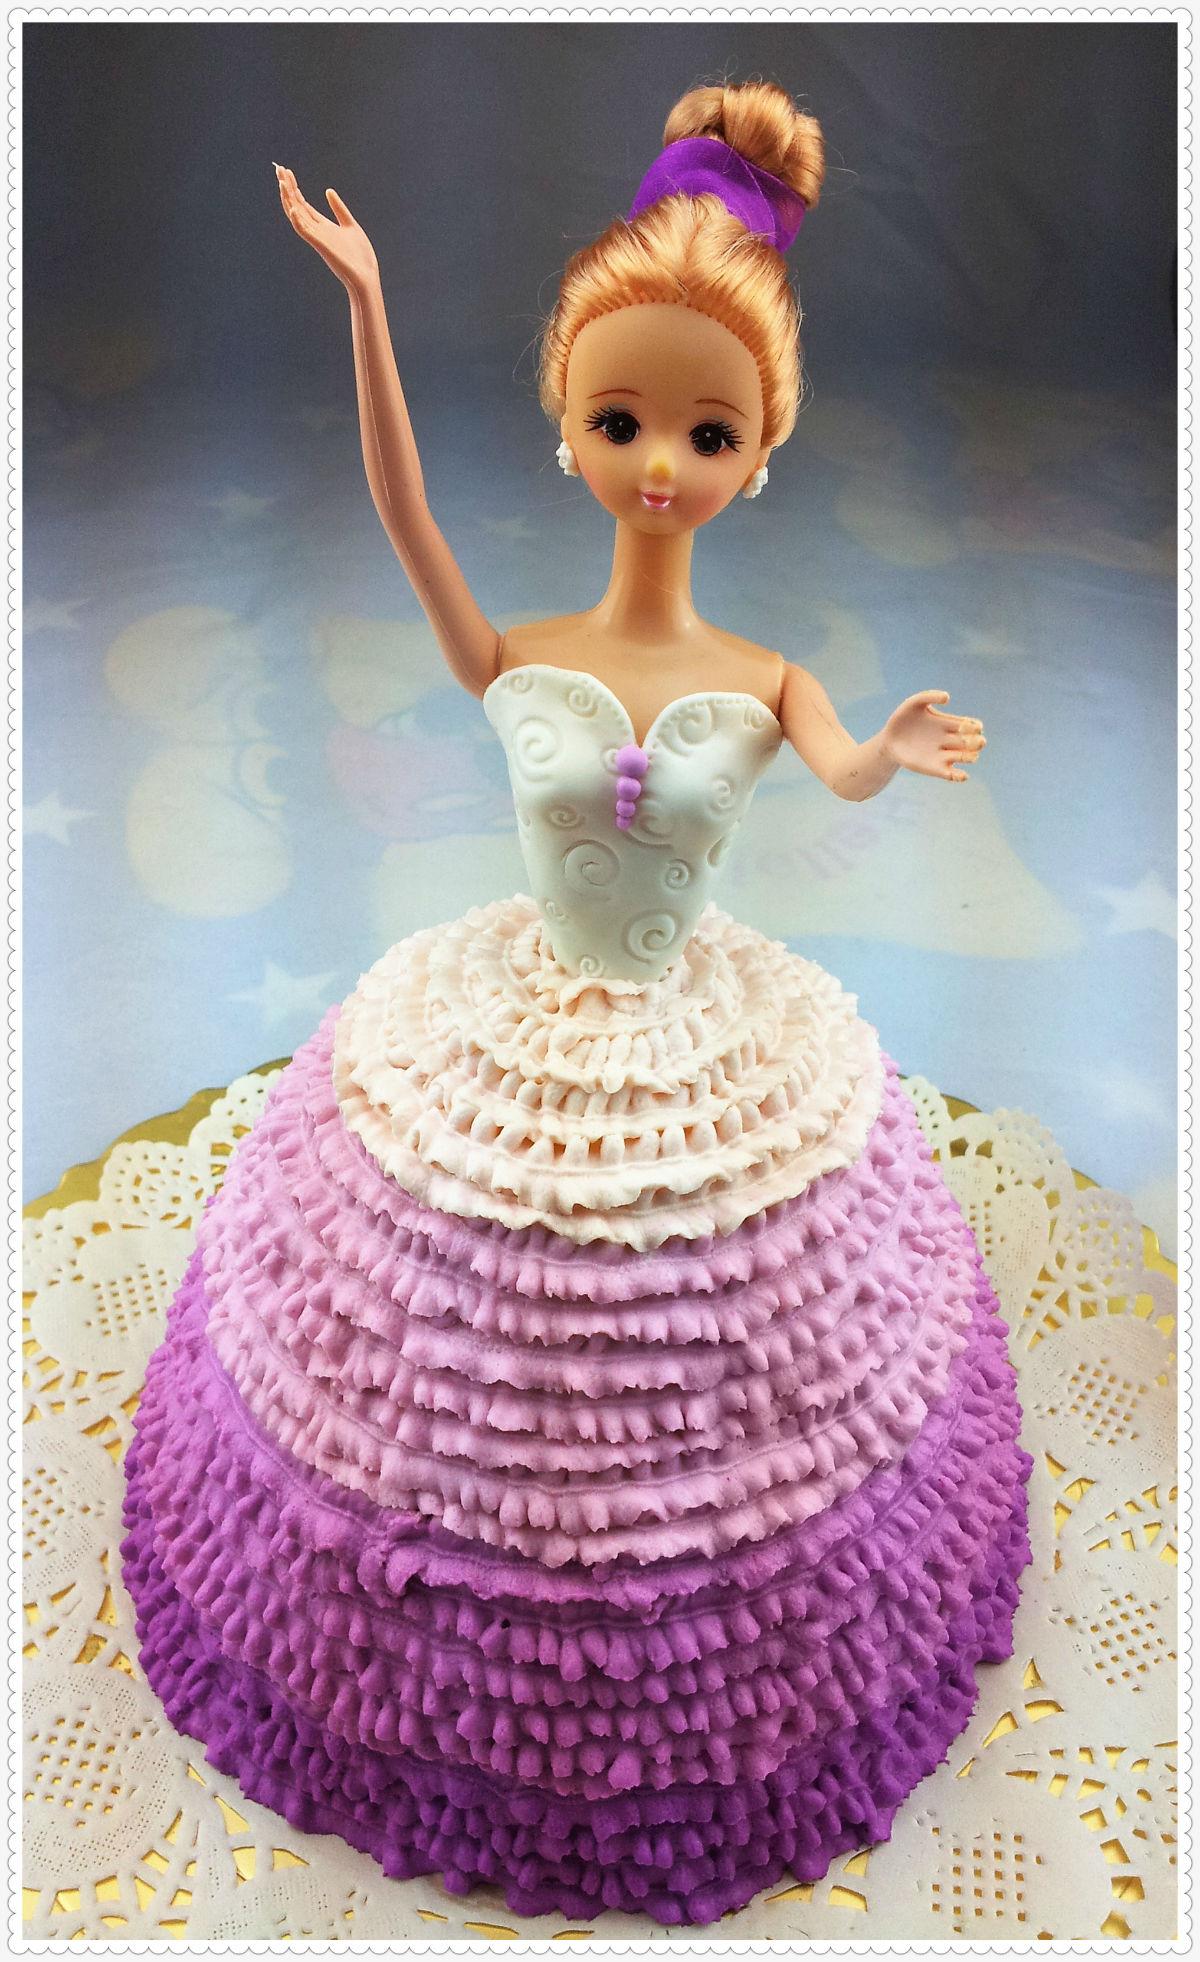 给喜欢的女生送生日蛋糕,要问一下她喜欢的口味吗?